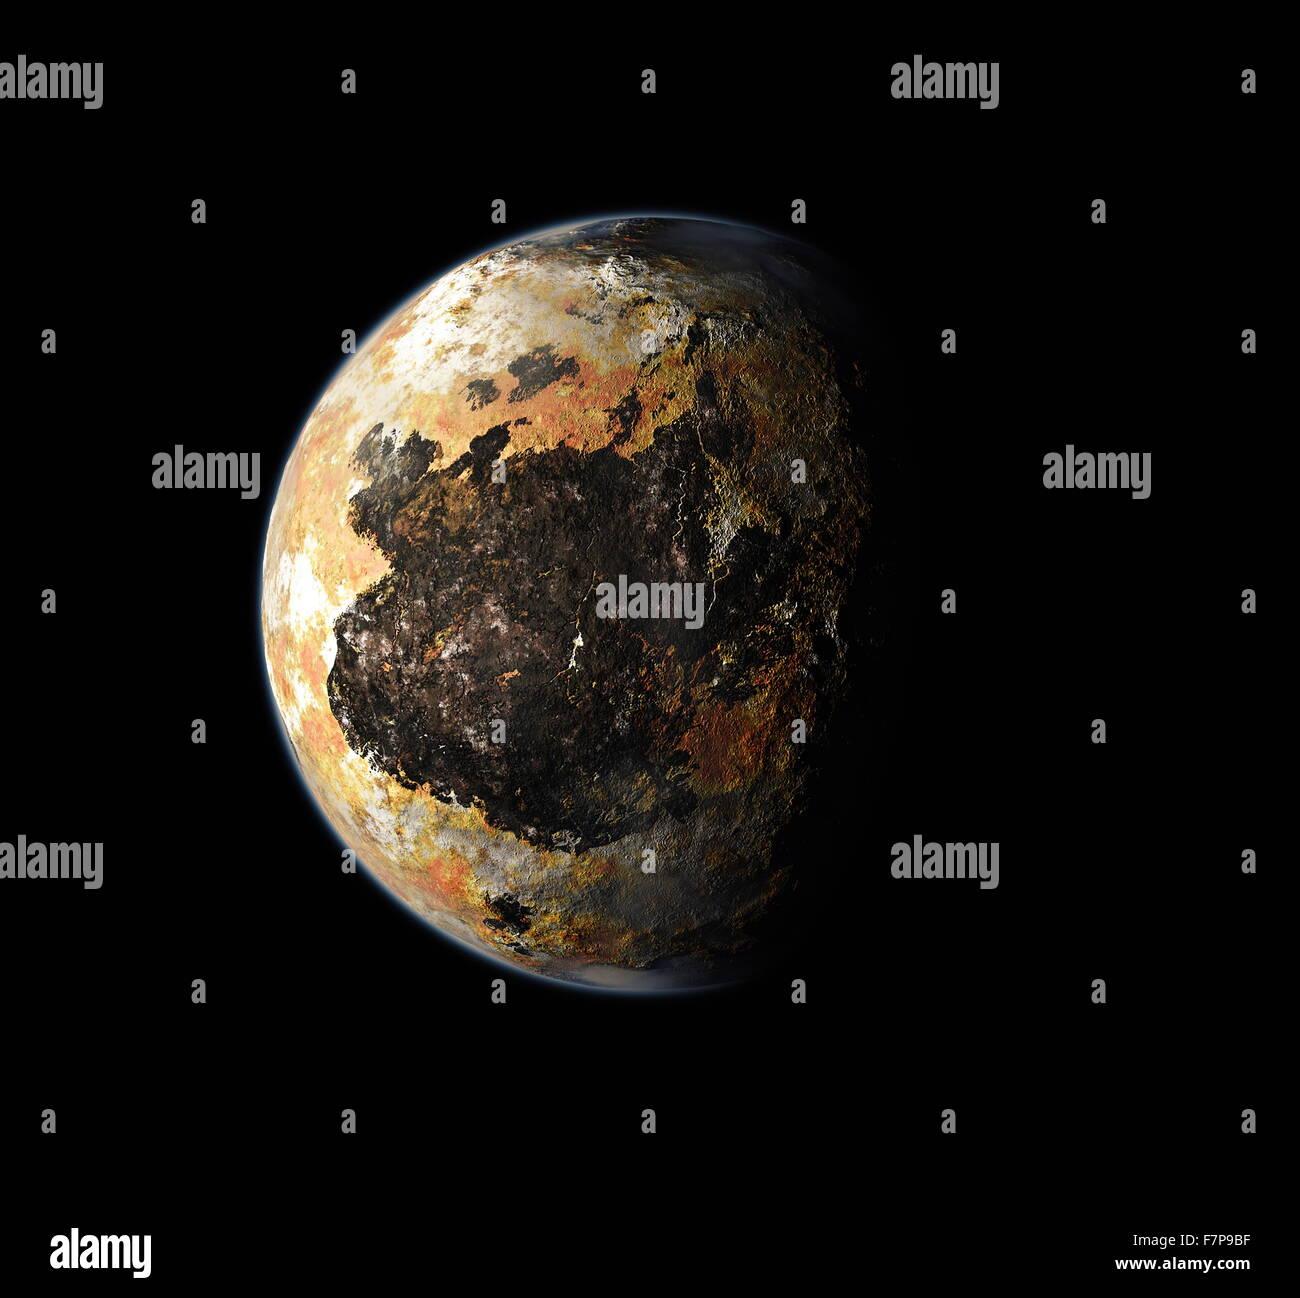 Concept de l'artiste Pluton au Pôle Sud 2015 Photo Stock